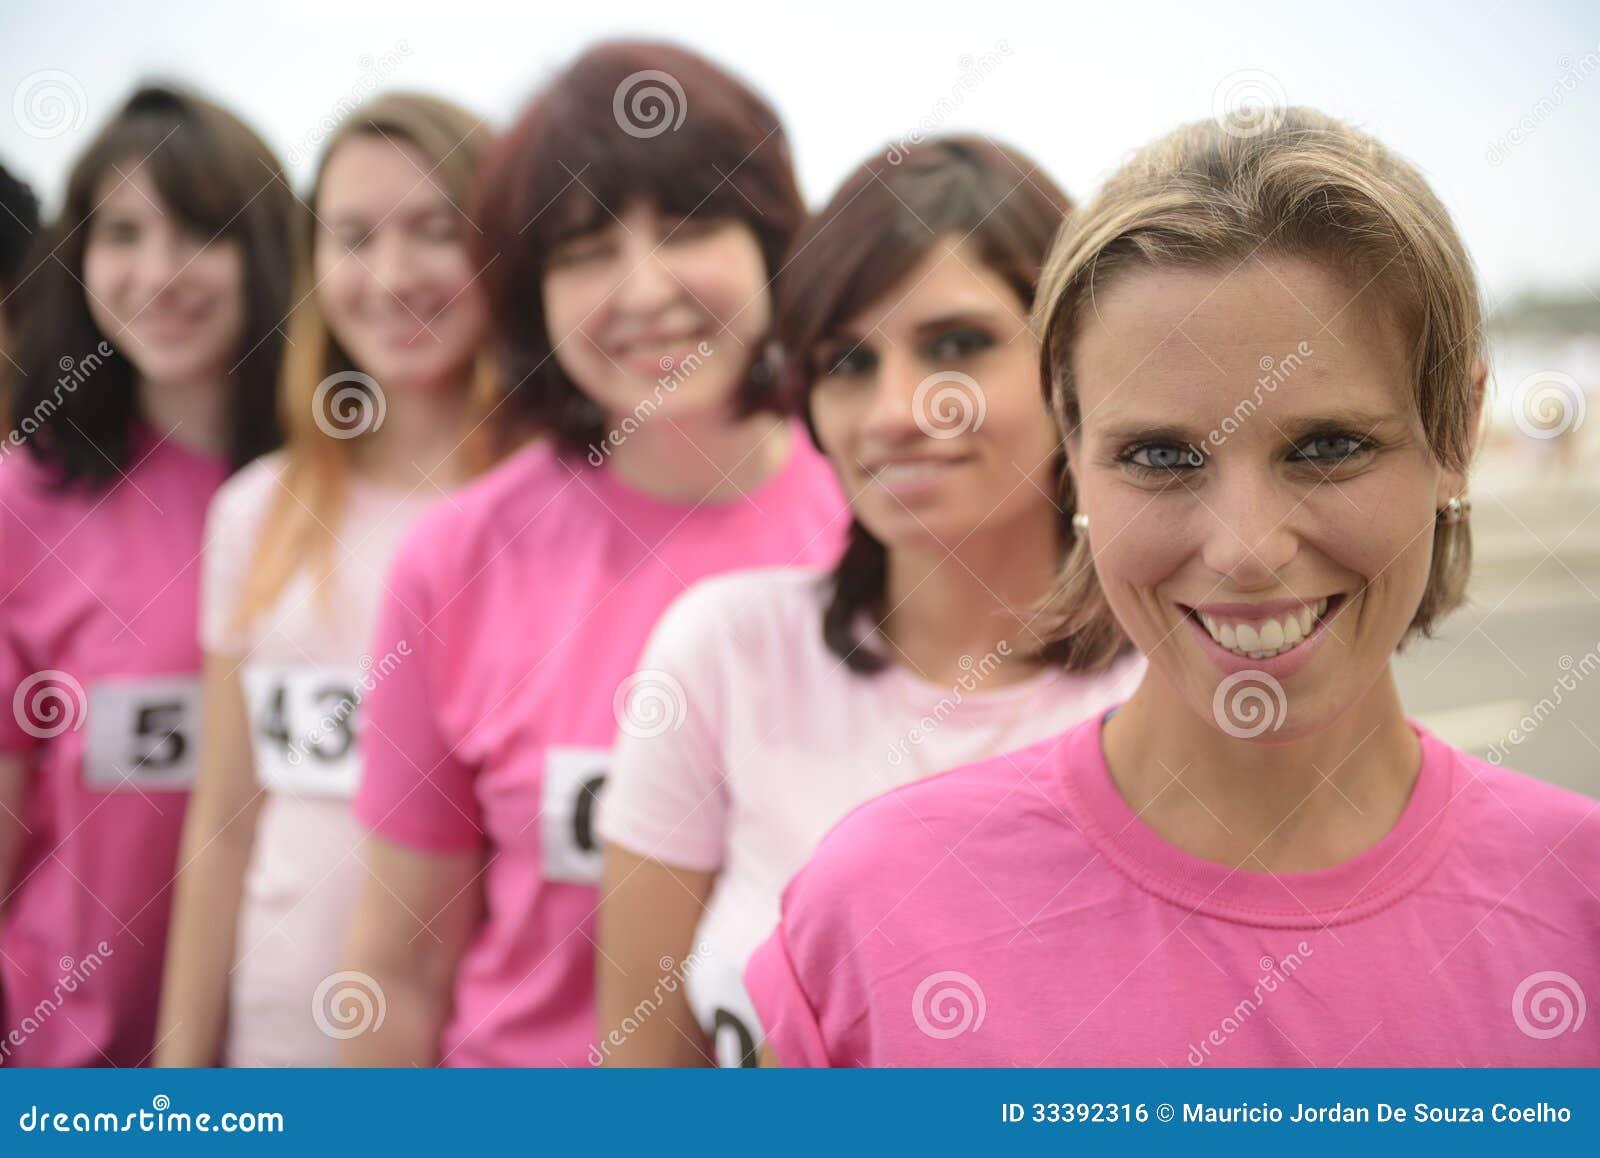 course de charit de cancer du sein femmes dans le rose image libre de droits image 33392316. Black Bedroom Furniture Sets. Home Design Ideas